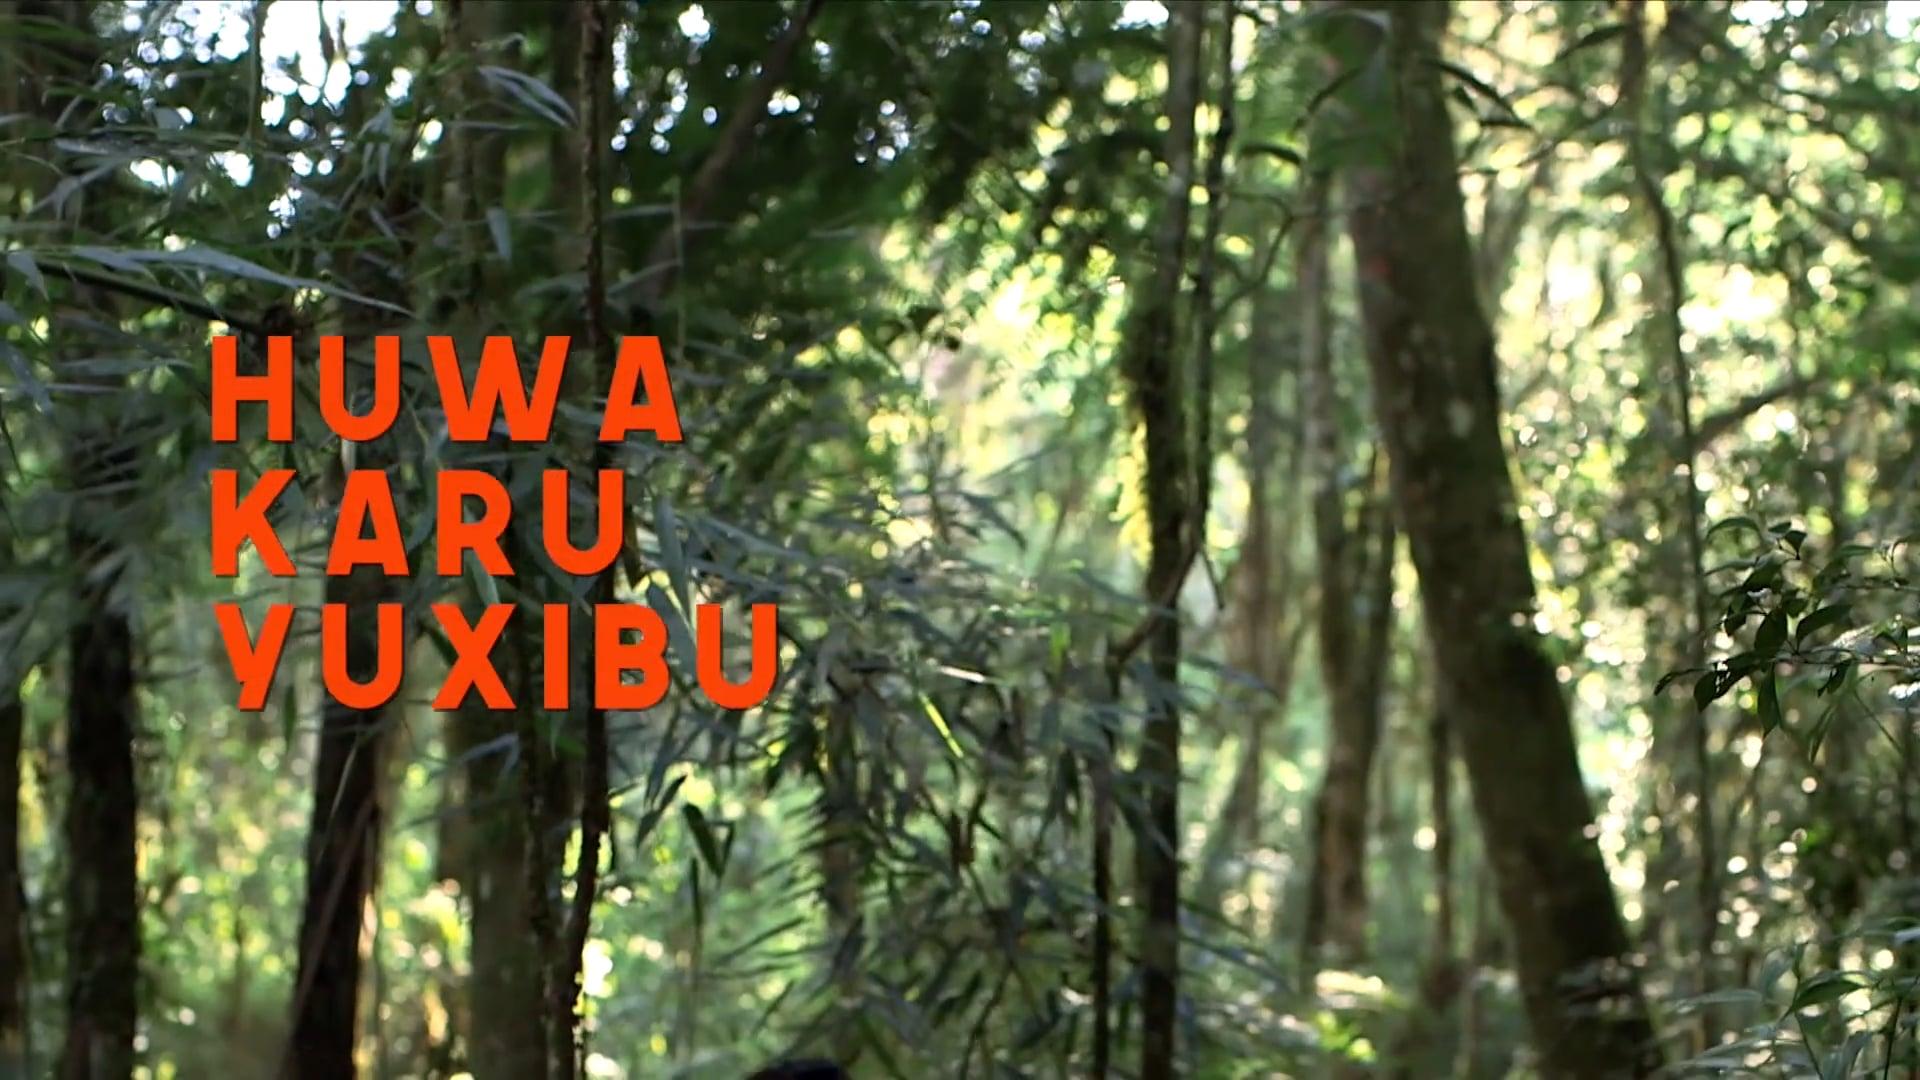 Huwa Karu Yuxibu